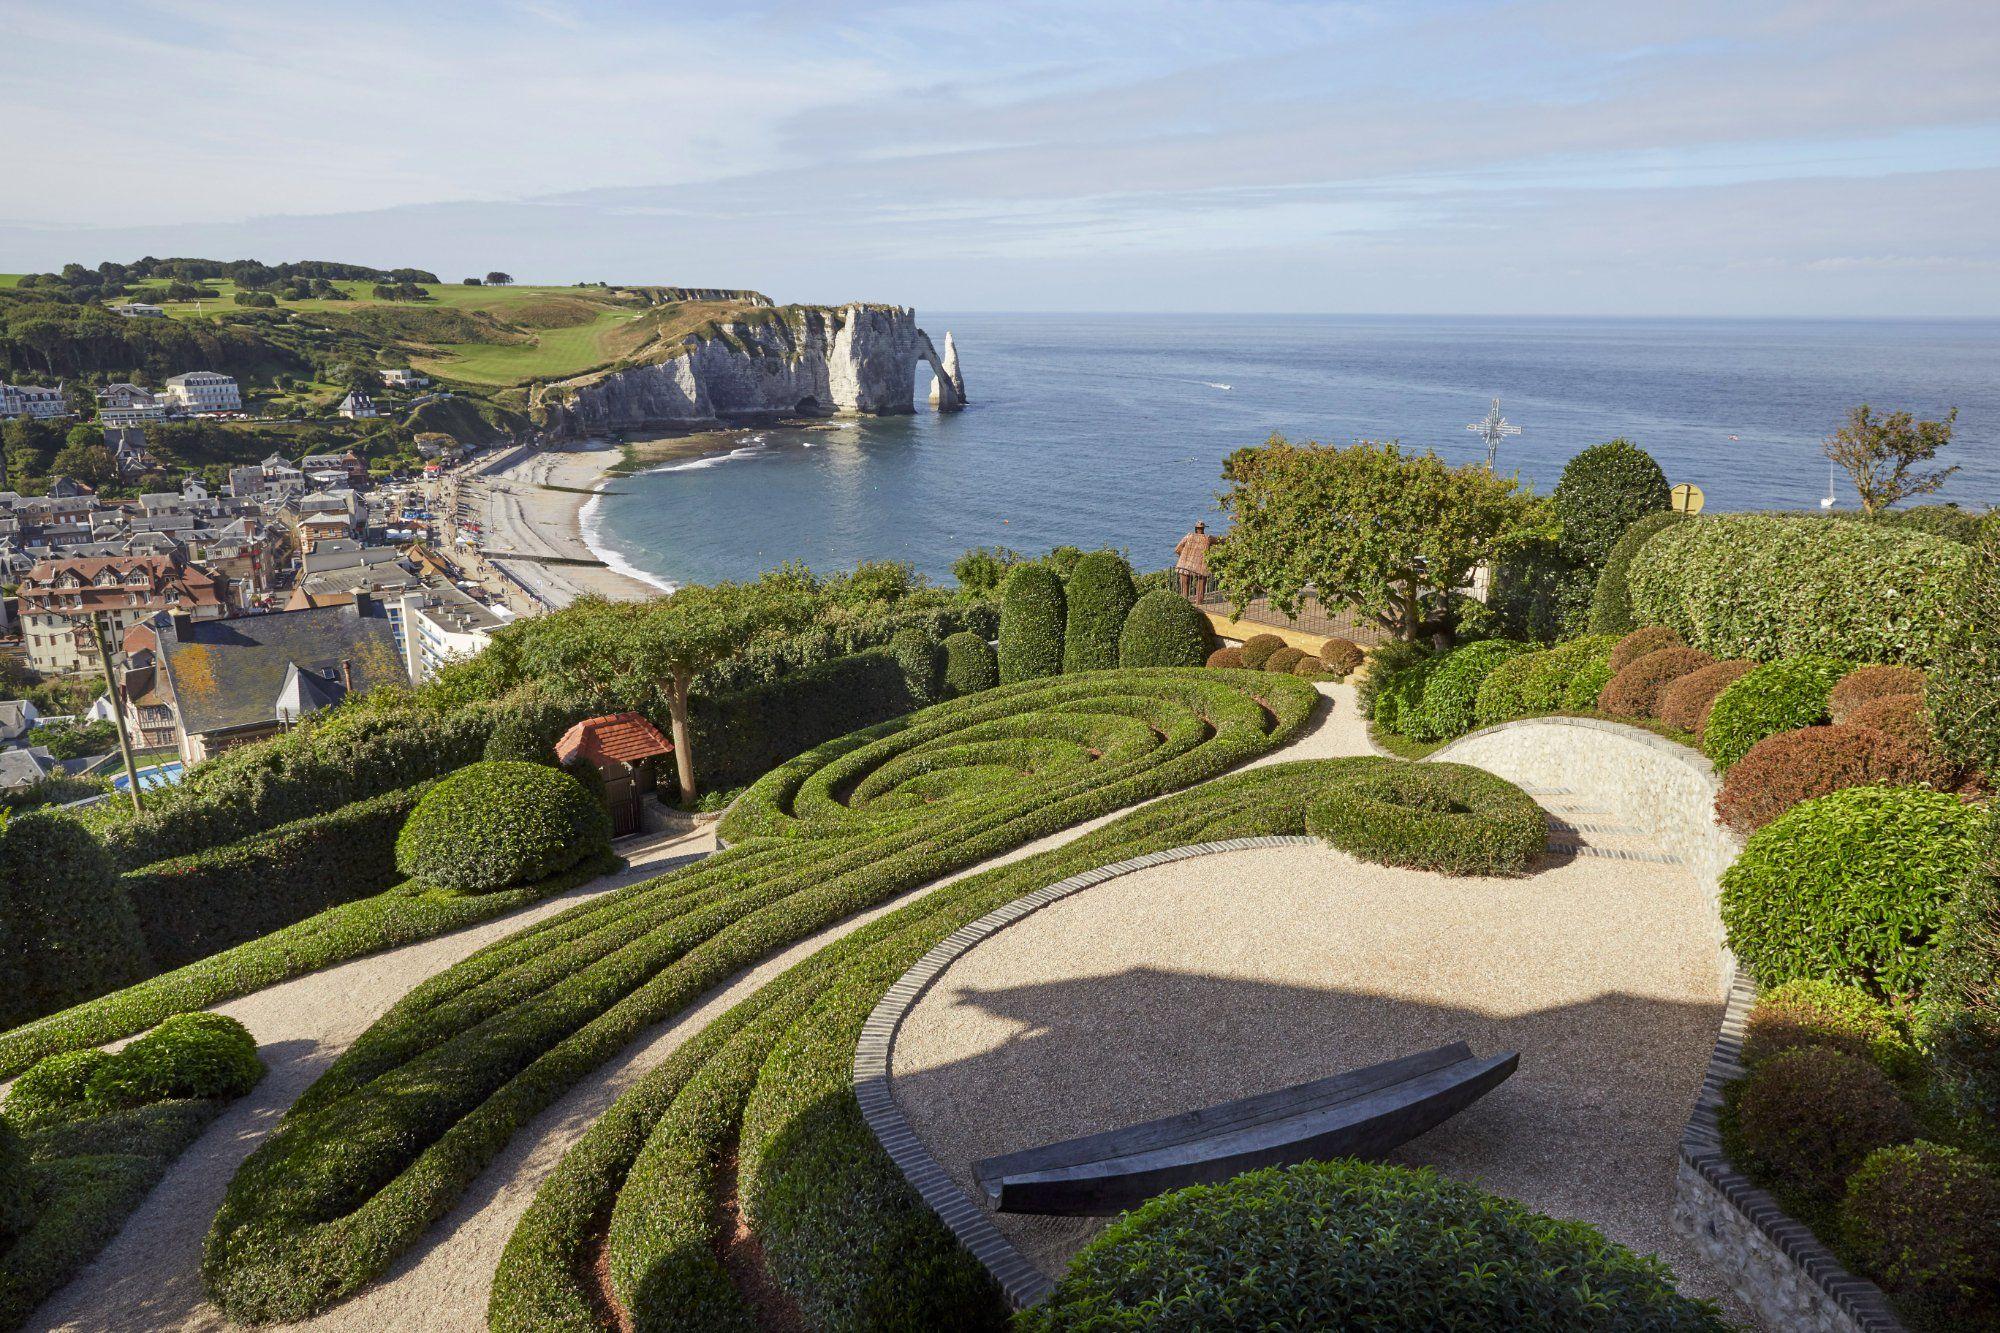 Les Jardins D Etretat France Top Tips Before You Go